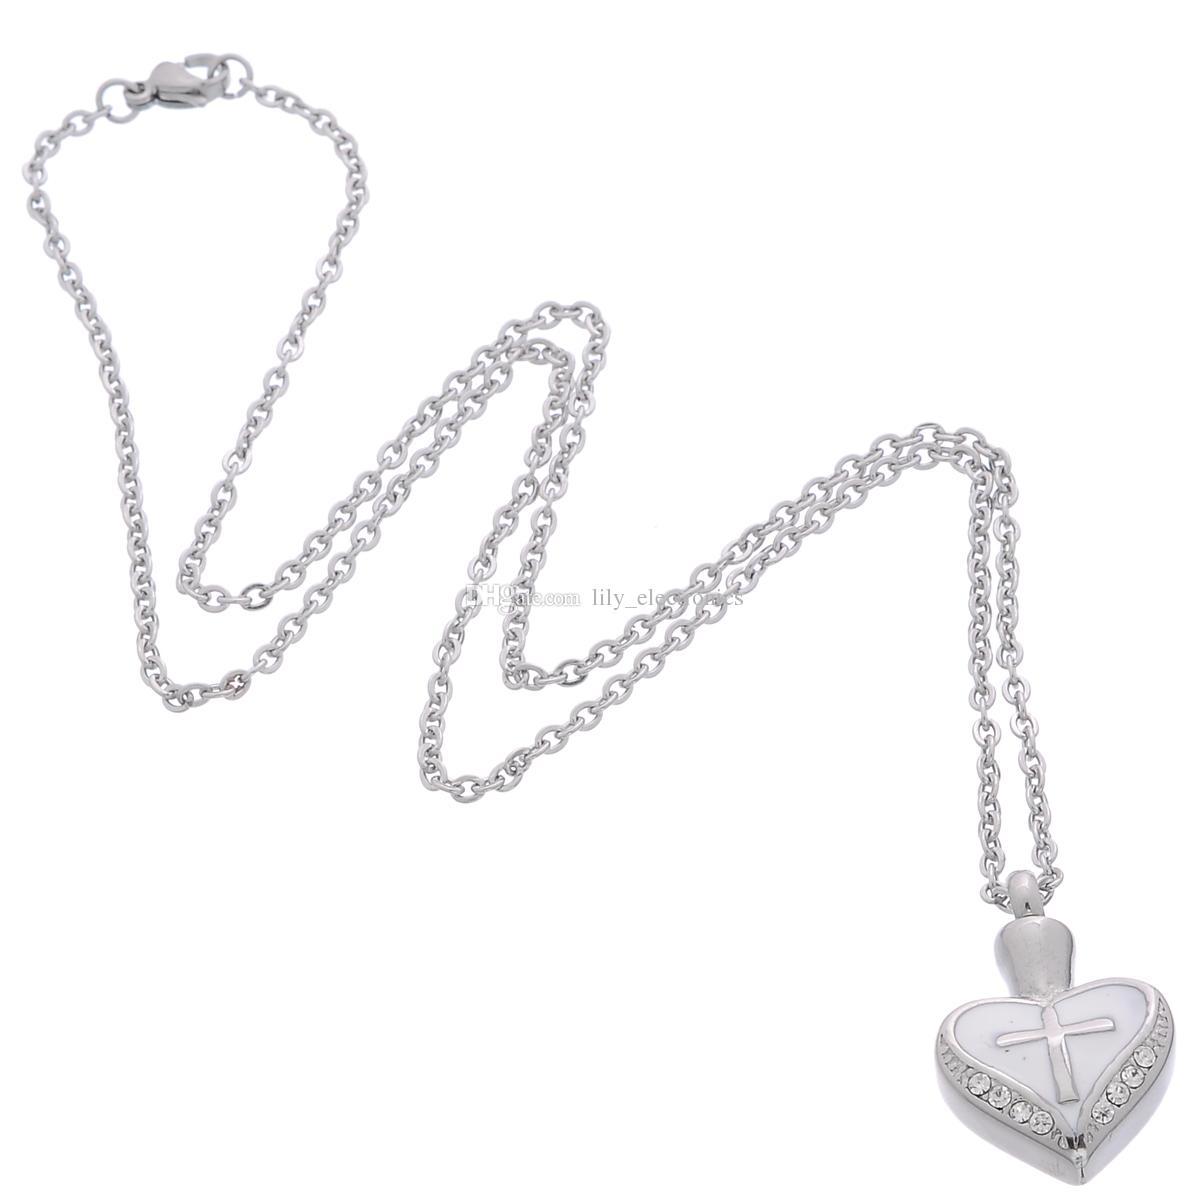 Lily cremación de acero inoxidable a prueba de agua Retro Cruz corazón Urna colgante, collar Memorial Ash Keepsake con un bolso de regalo